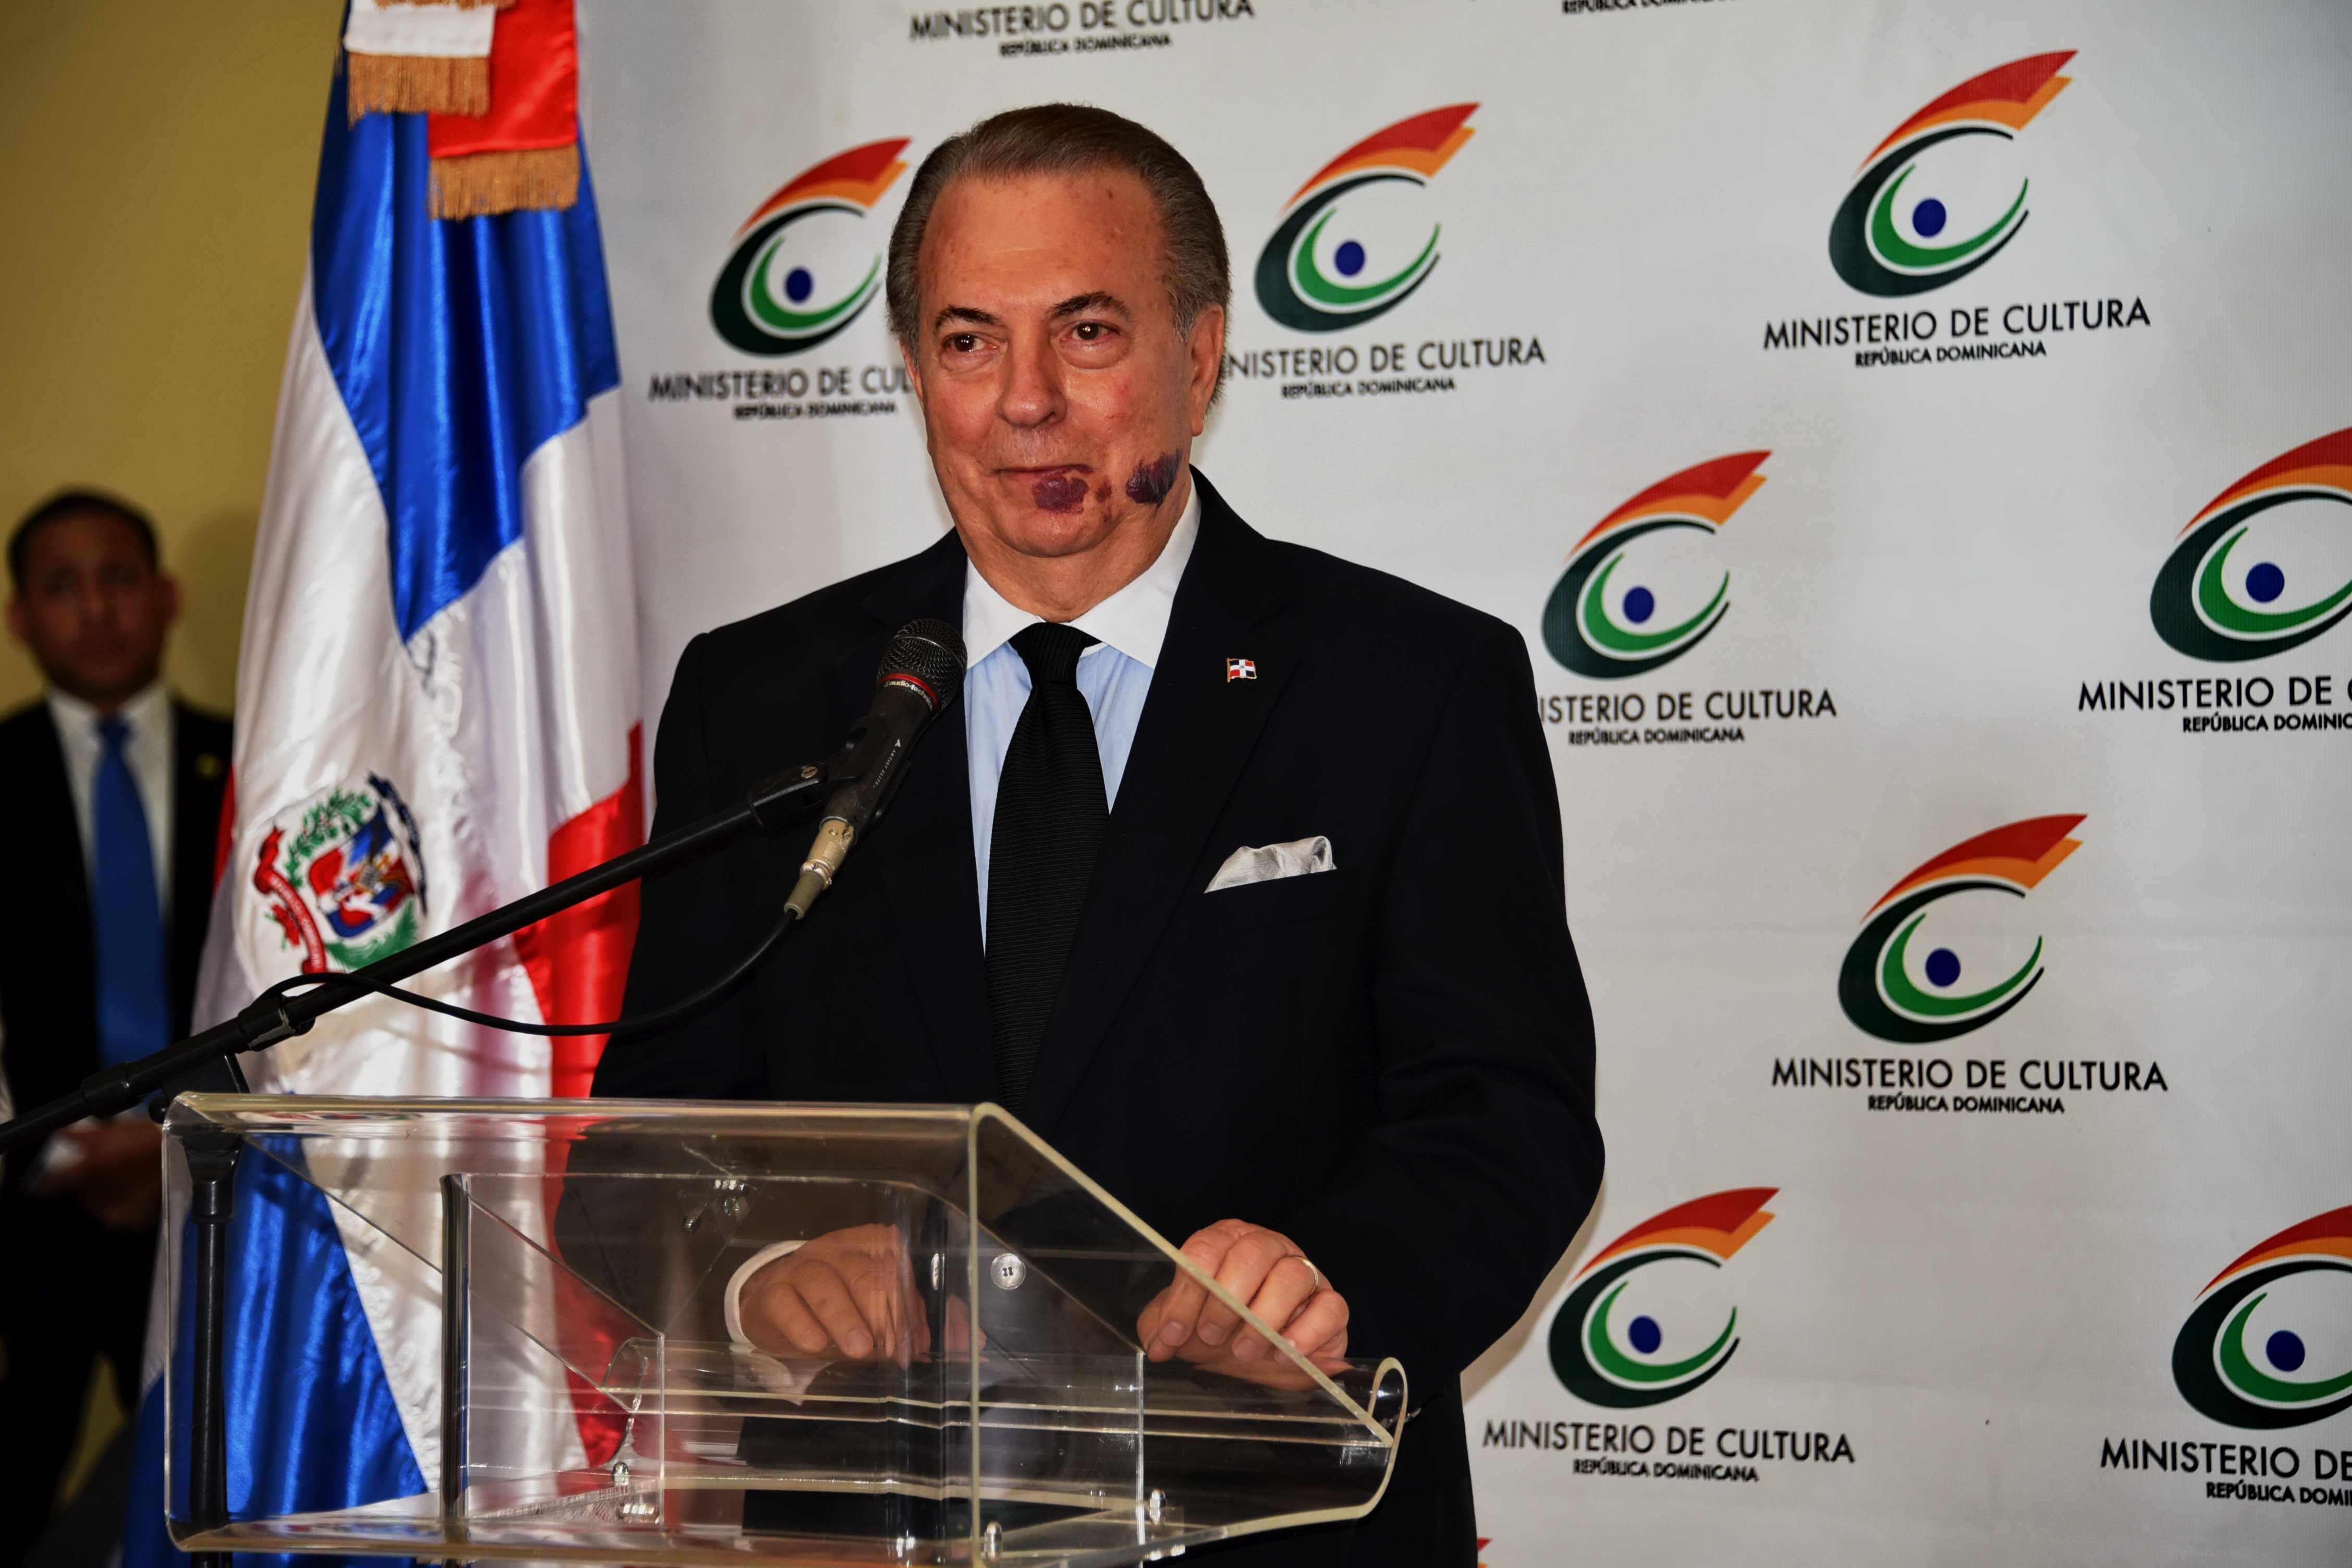 Eduardo Selman dispuesto a explicar personalmente a Milagros Ortiz Bosch sus actos en el Ministerio de Cultura